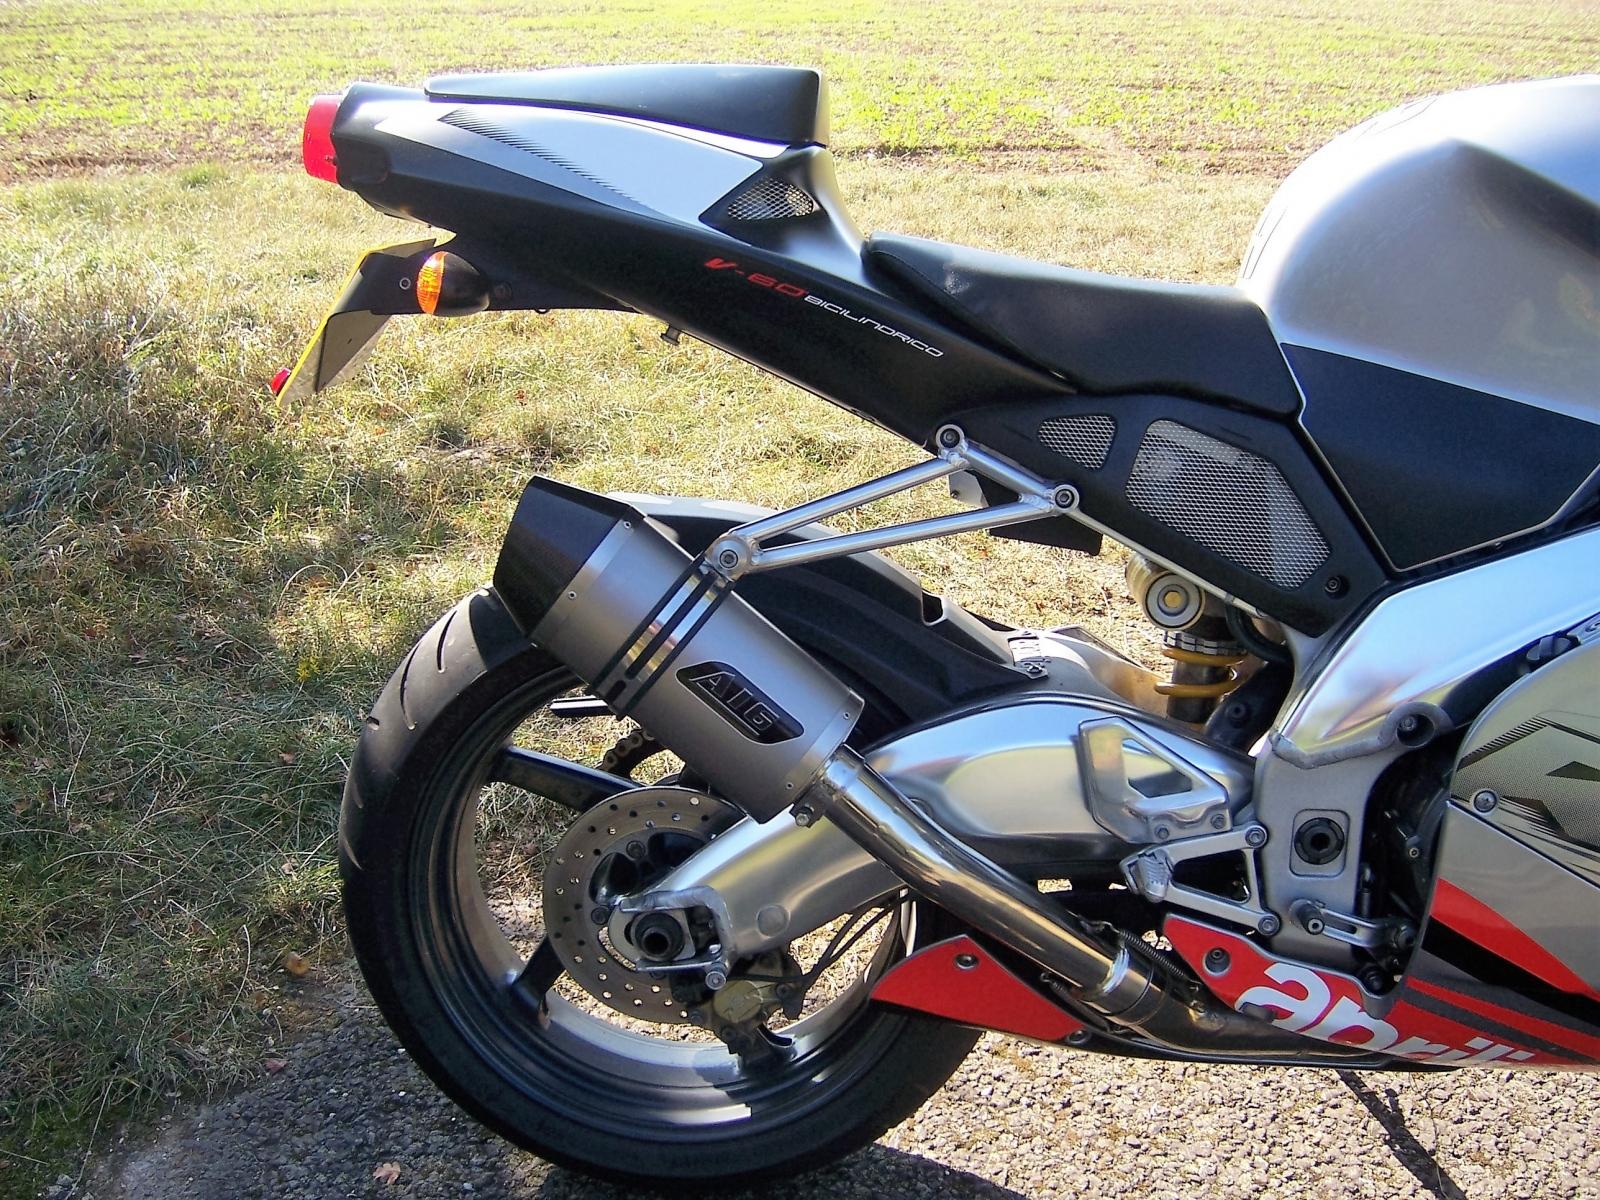 """Aprilia RSV 1000 Mille  1998-2004<p>A16 Stubby Plain Titanium Exhaust with Carbon Outlet</p><br /><br /><a href=""""https://a16roadnracesupplies.co.uk/product/a16-aprilia-exhausts/"""">Buy now!</a>"""